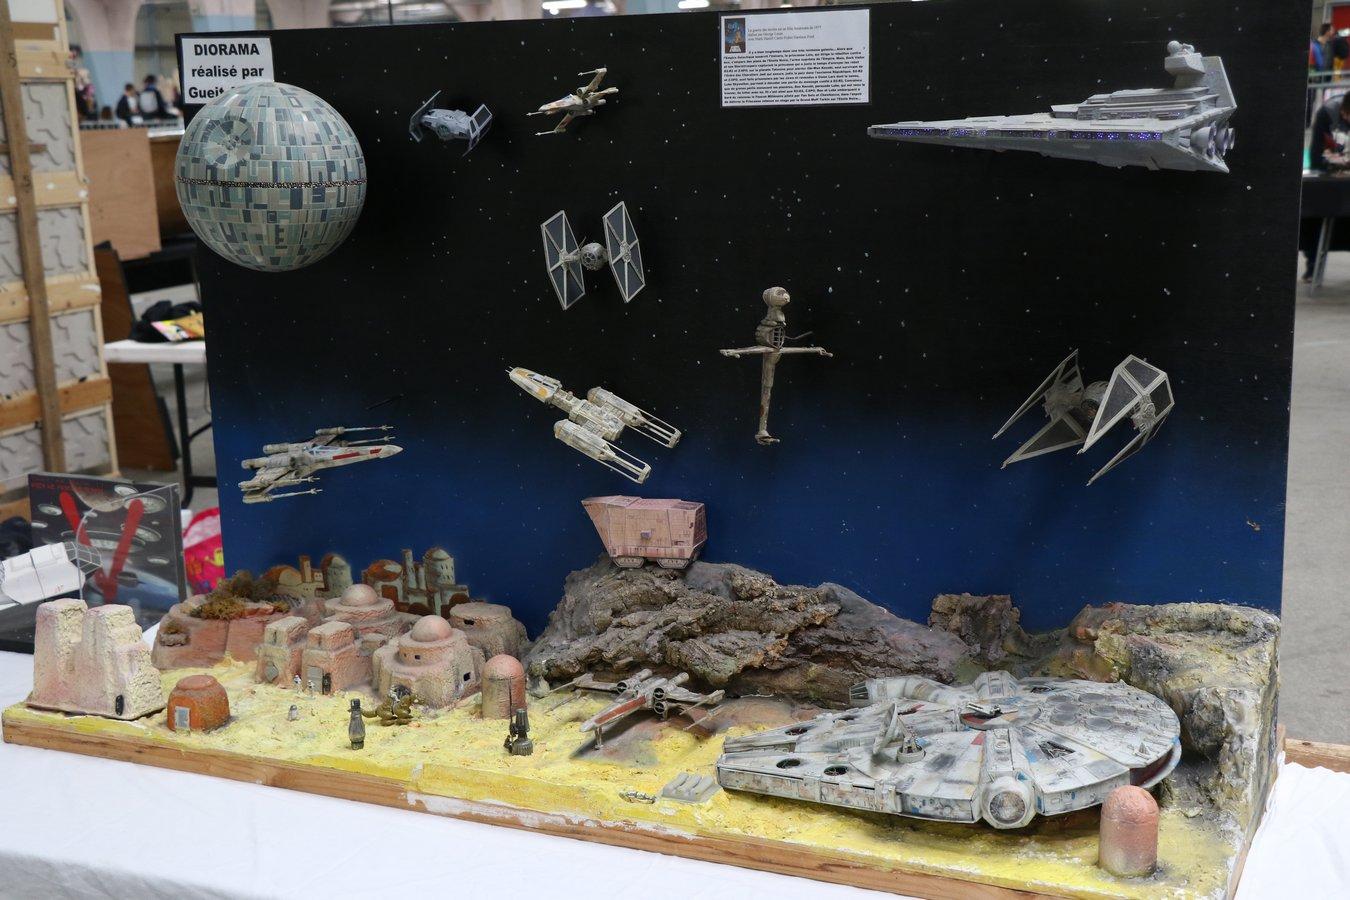 Diorama Star Wars